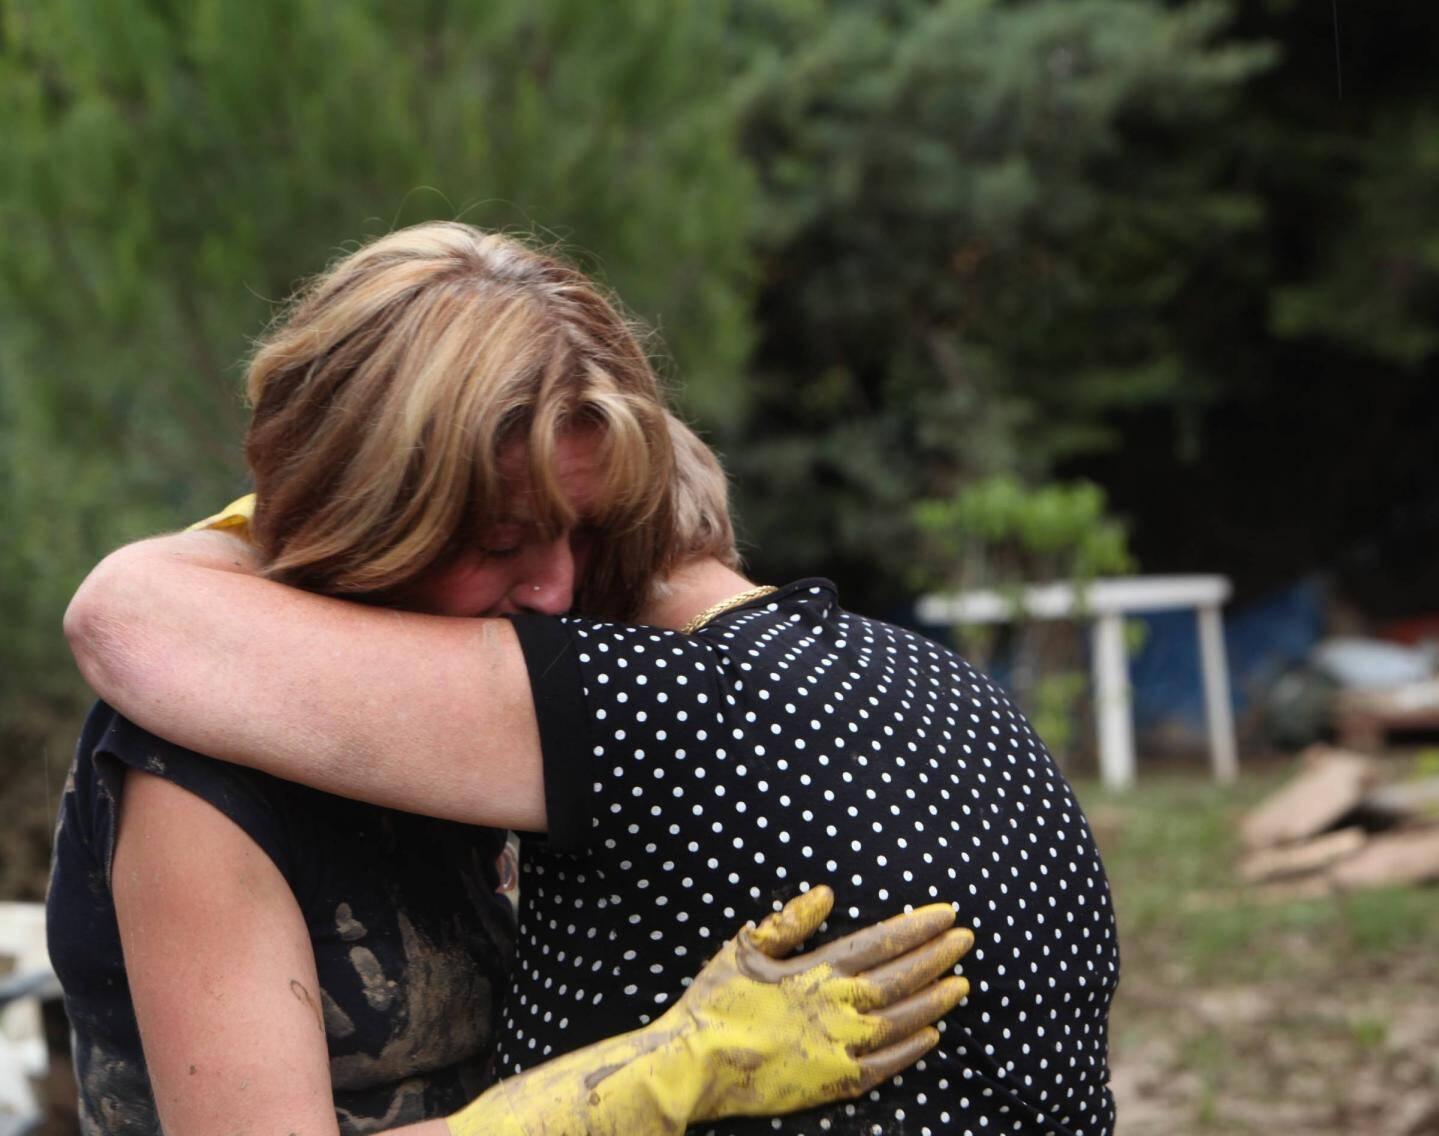 À Draguignan et dans tout l'Est-Var, les inondations meurtrières de 2010 ont fait de nombreuses victimes.